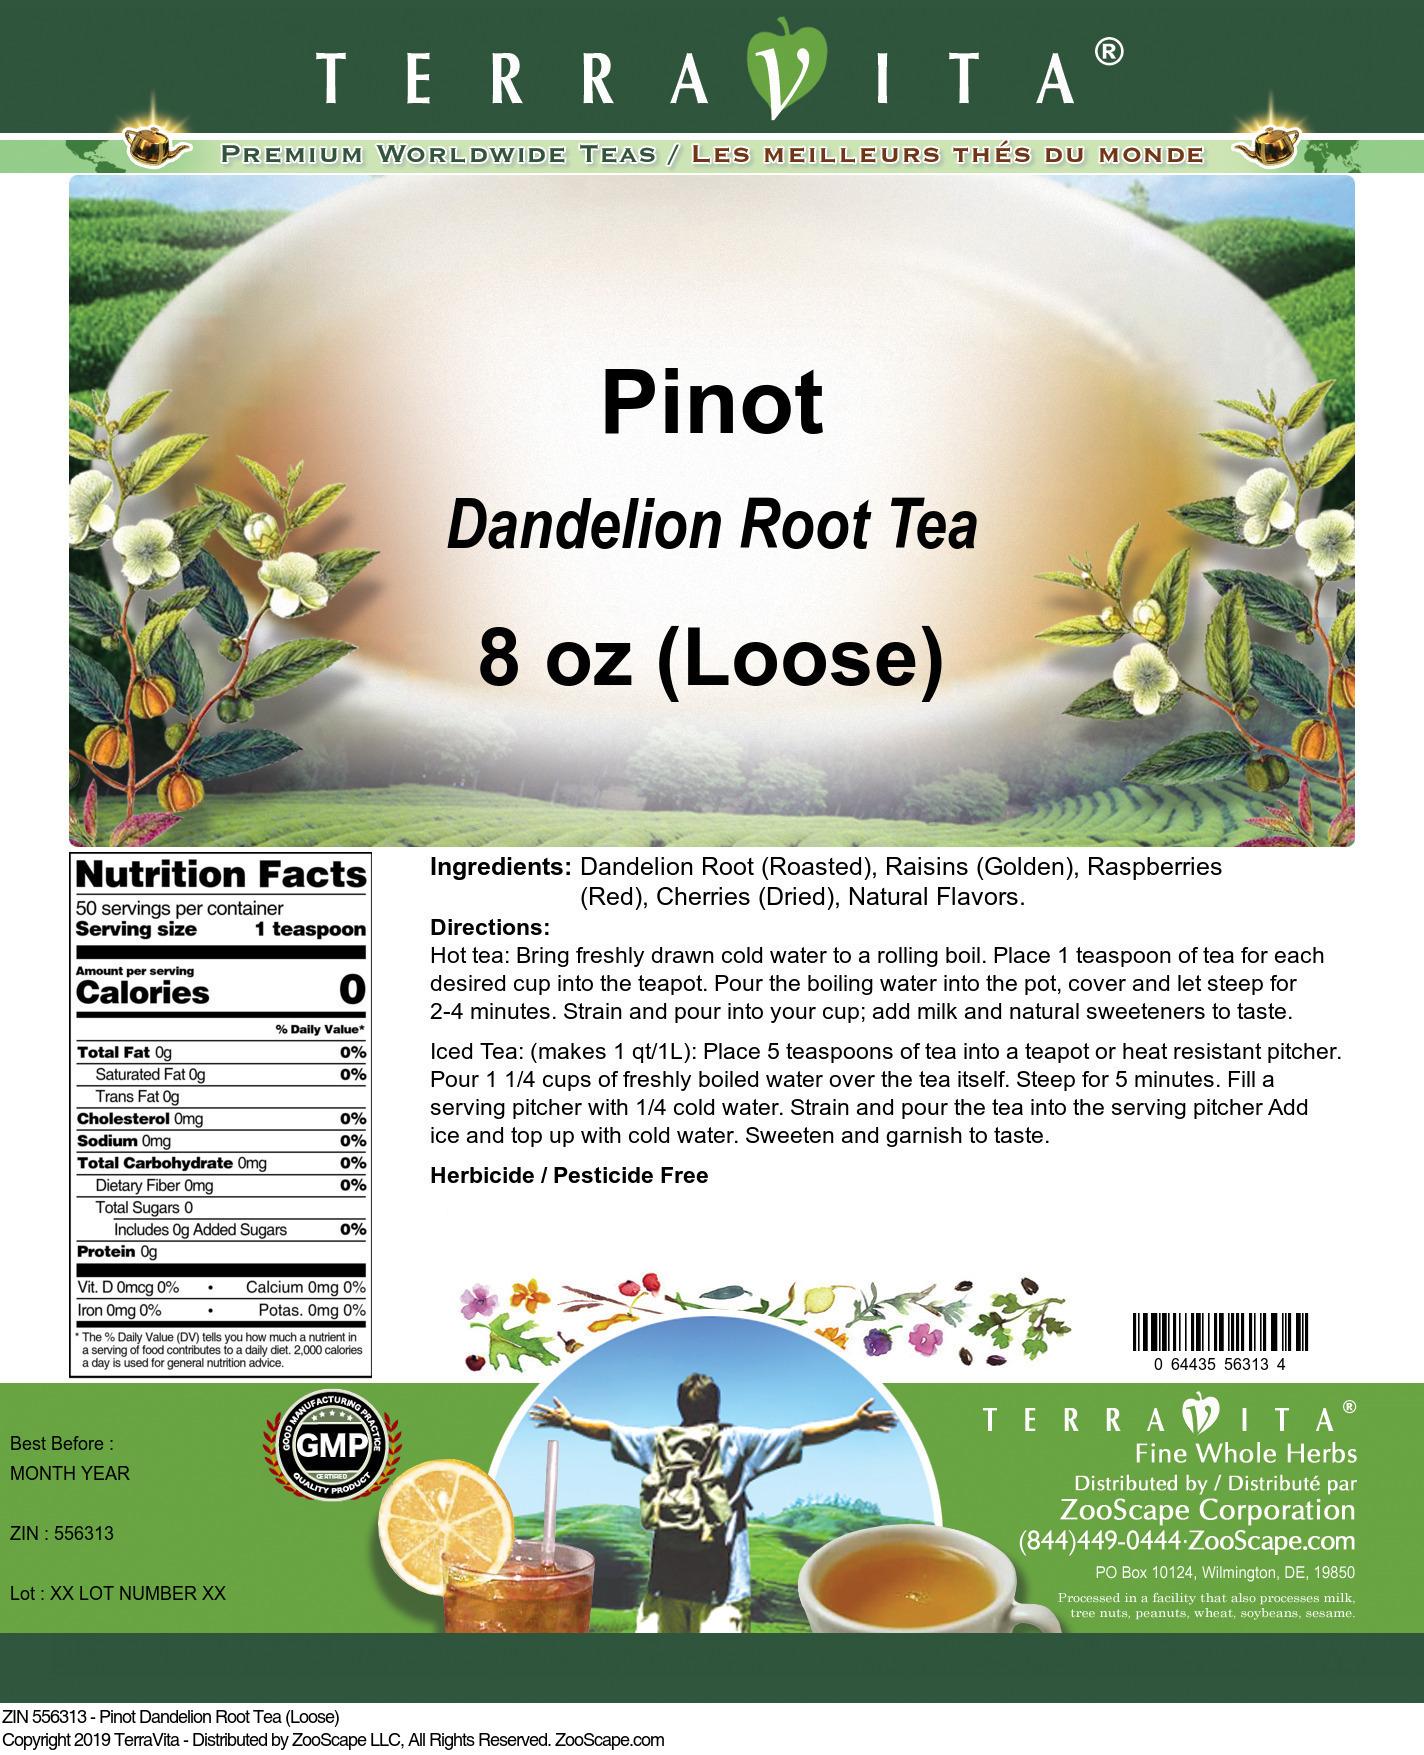 Pinot Dandelion Root Tea (Loose)